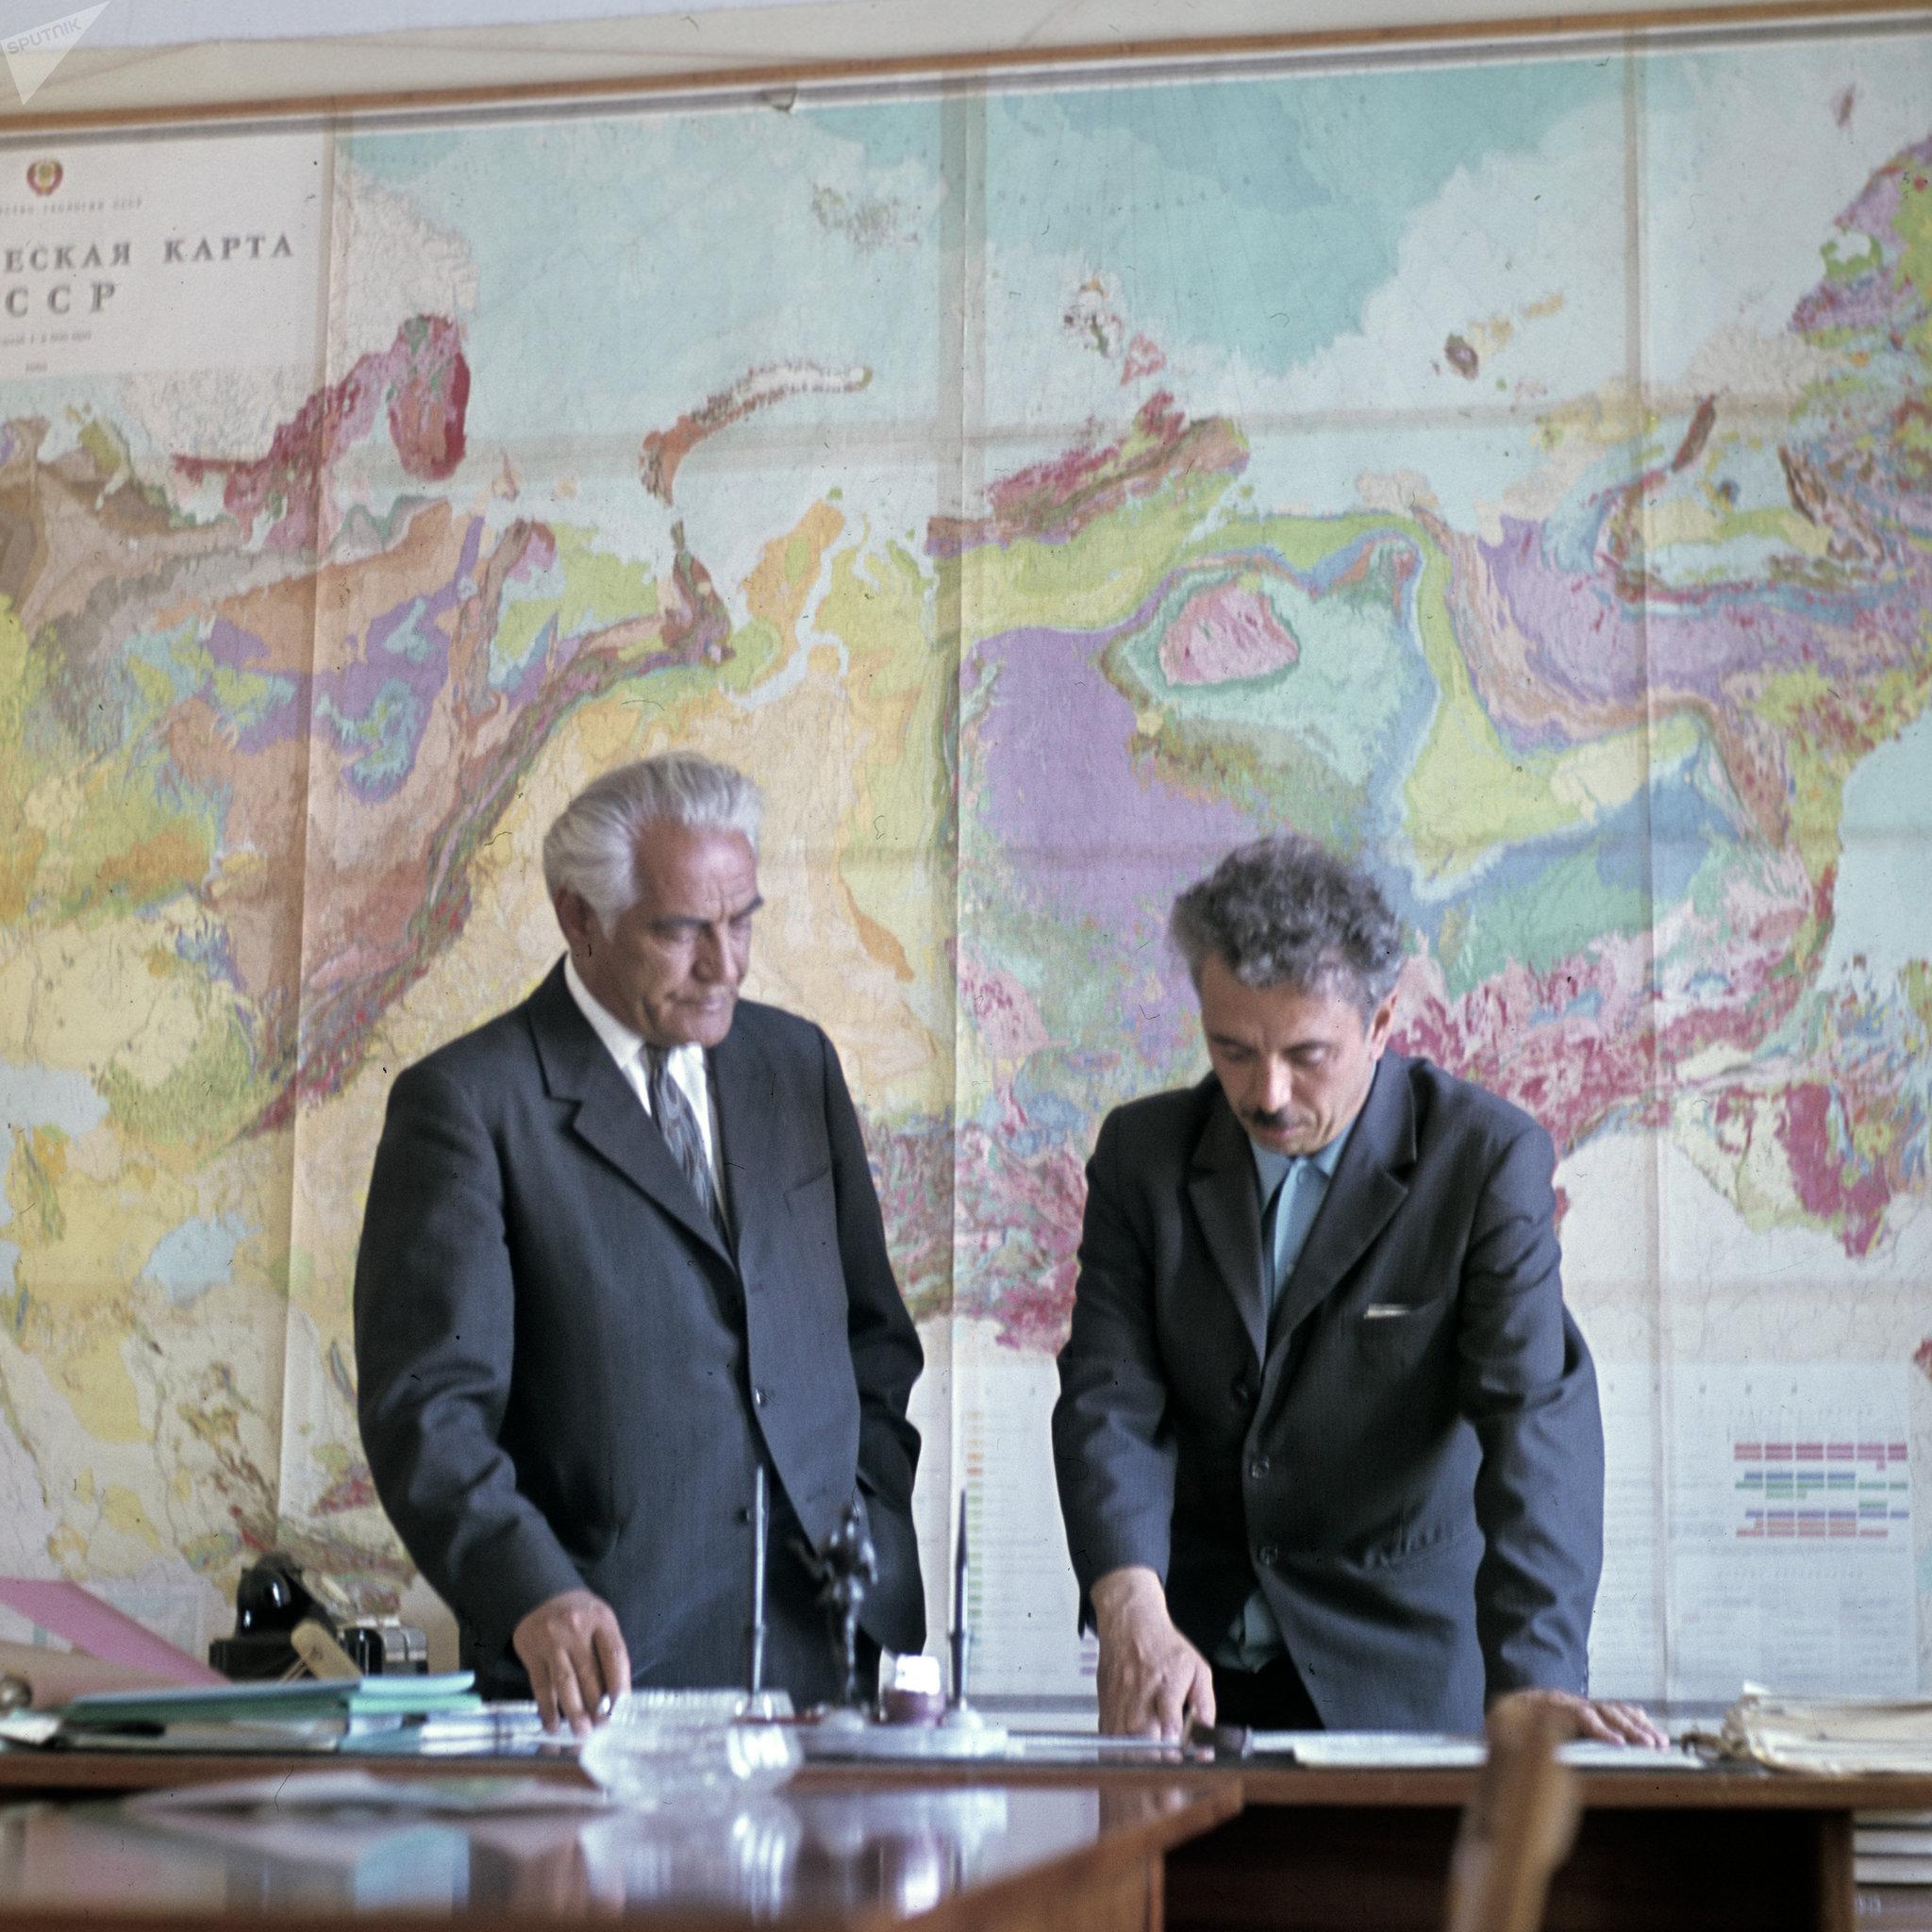 Yuri Ervie y Farman Salmanov, los científicos que descubrieron petróleo en Tiumen